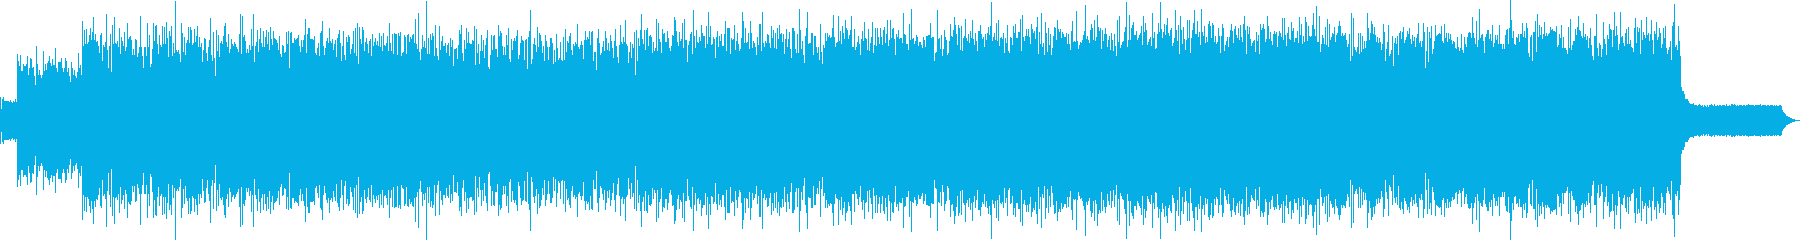 爽やかで華麗なAmbienteロックの再生済みの波形